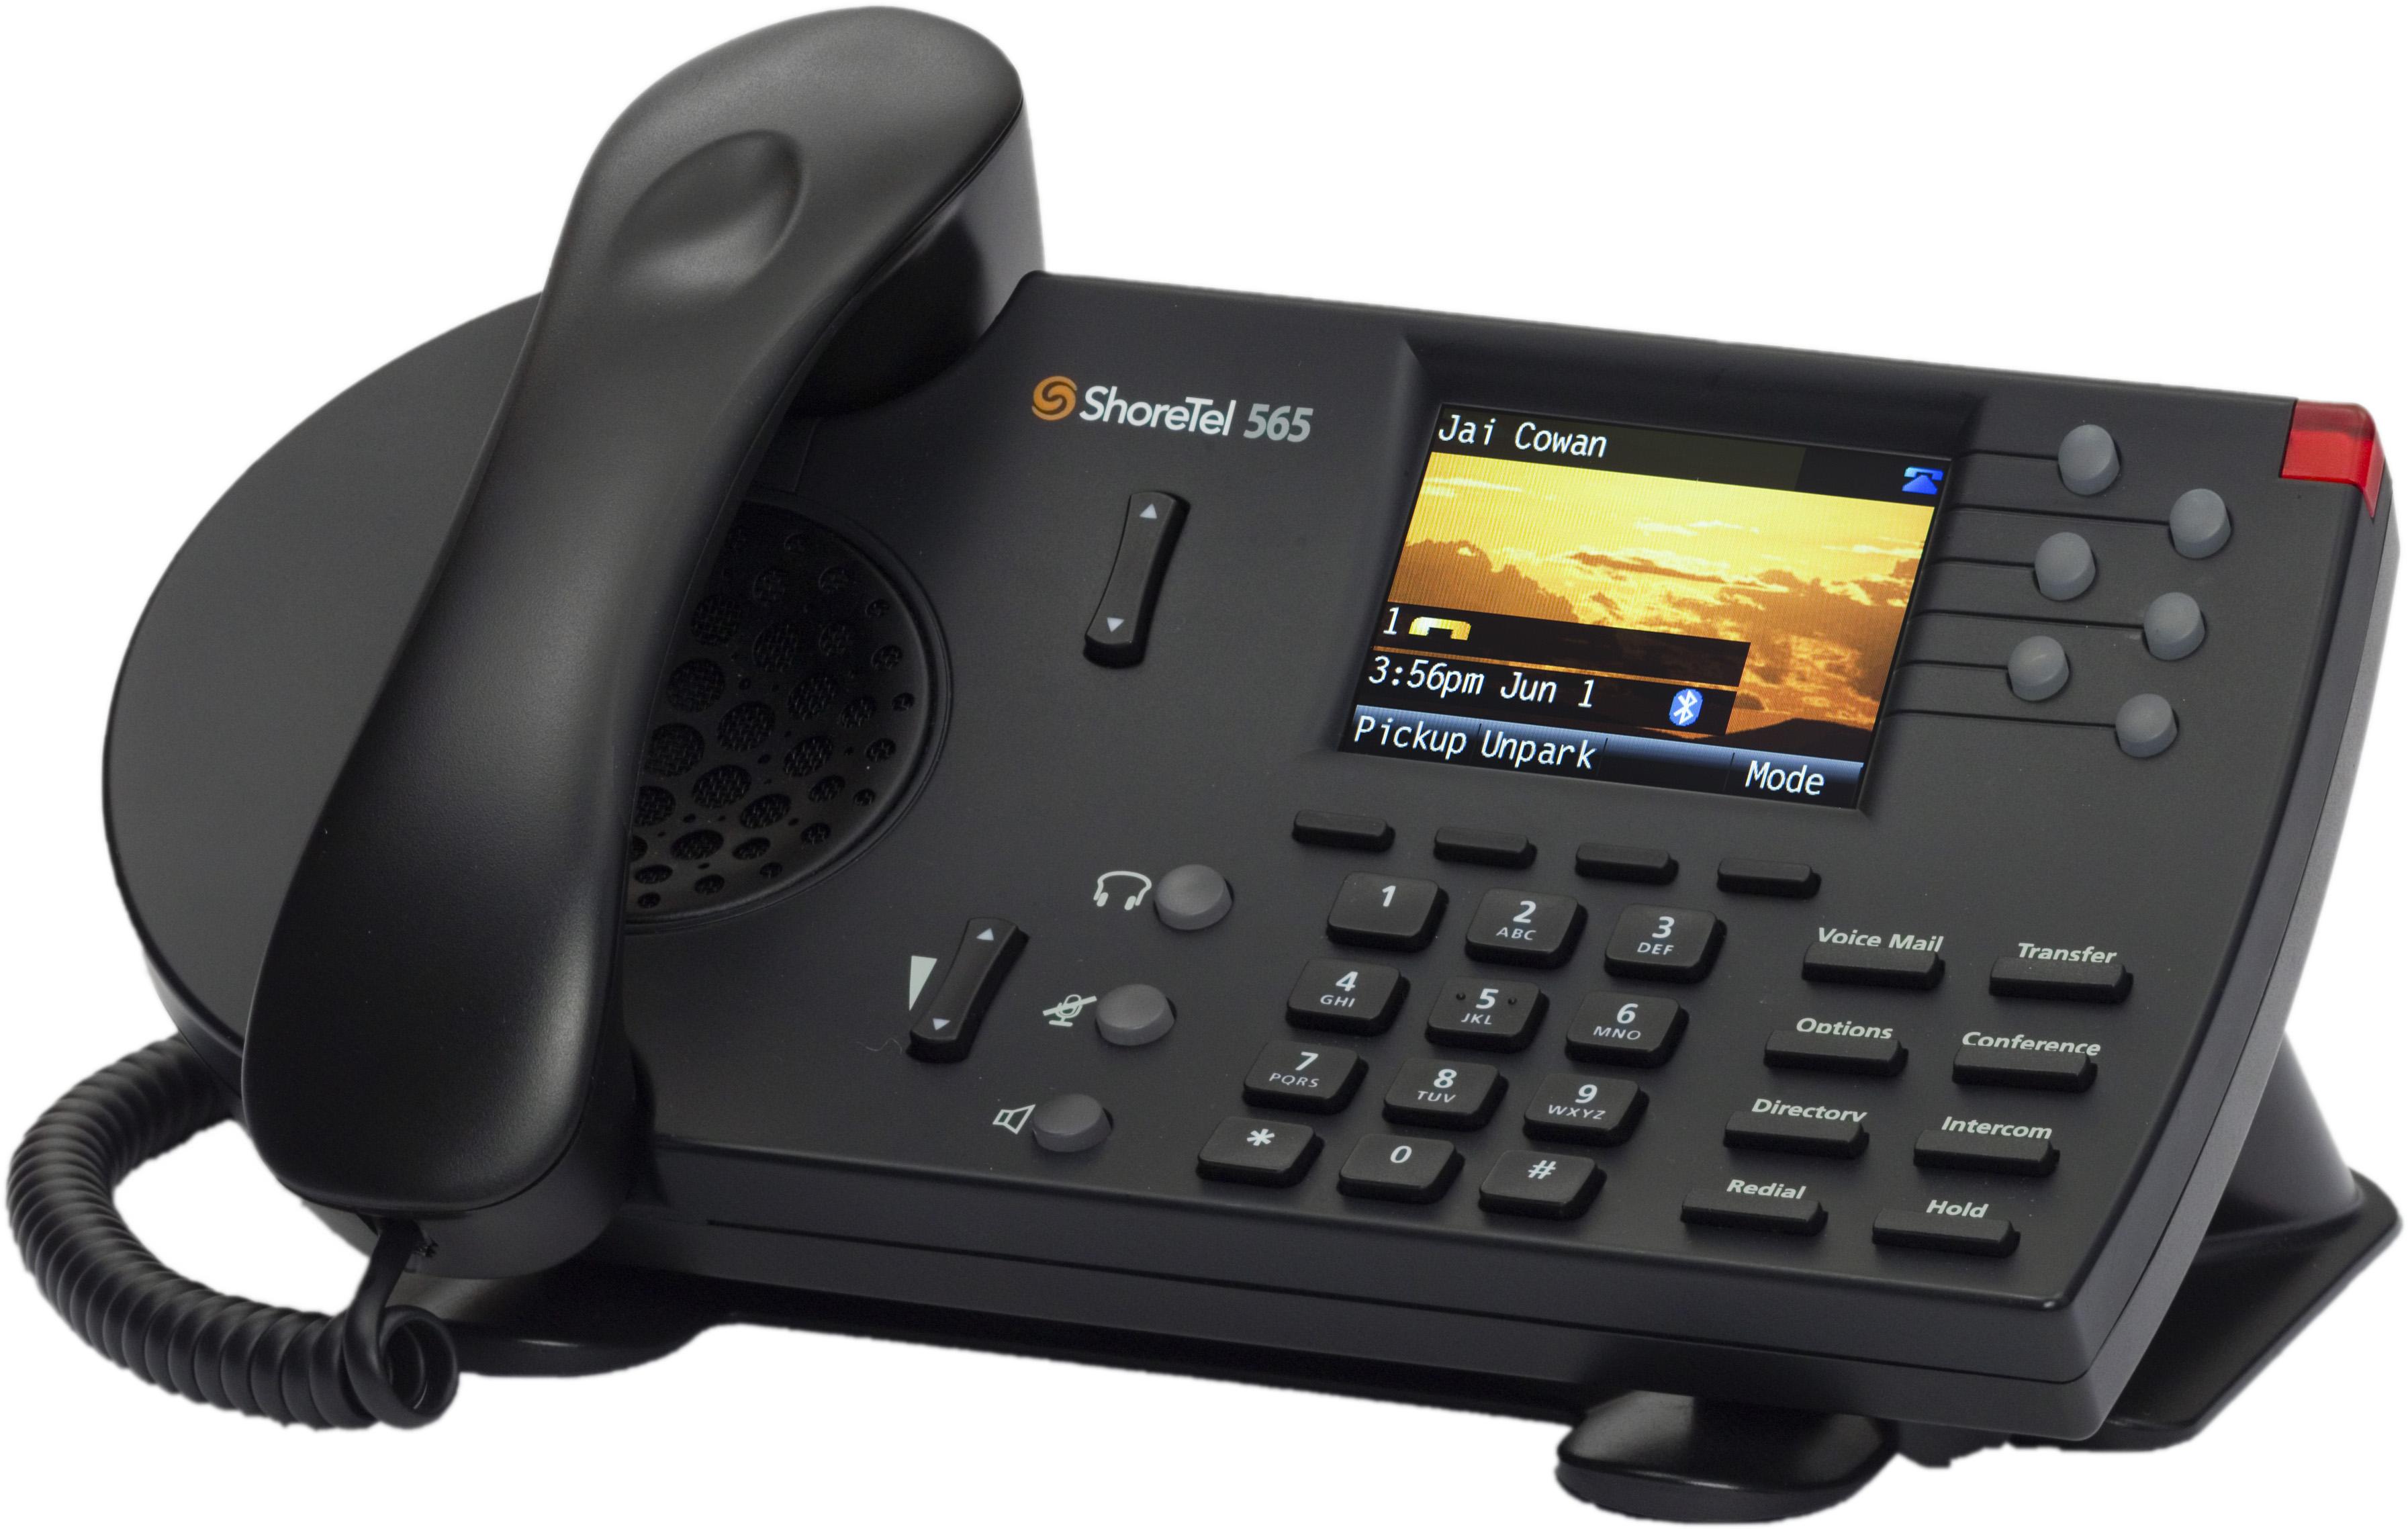 ShoreTel IP Phone System